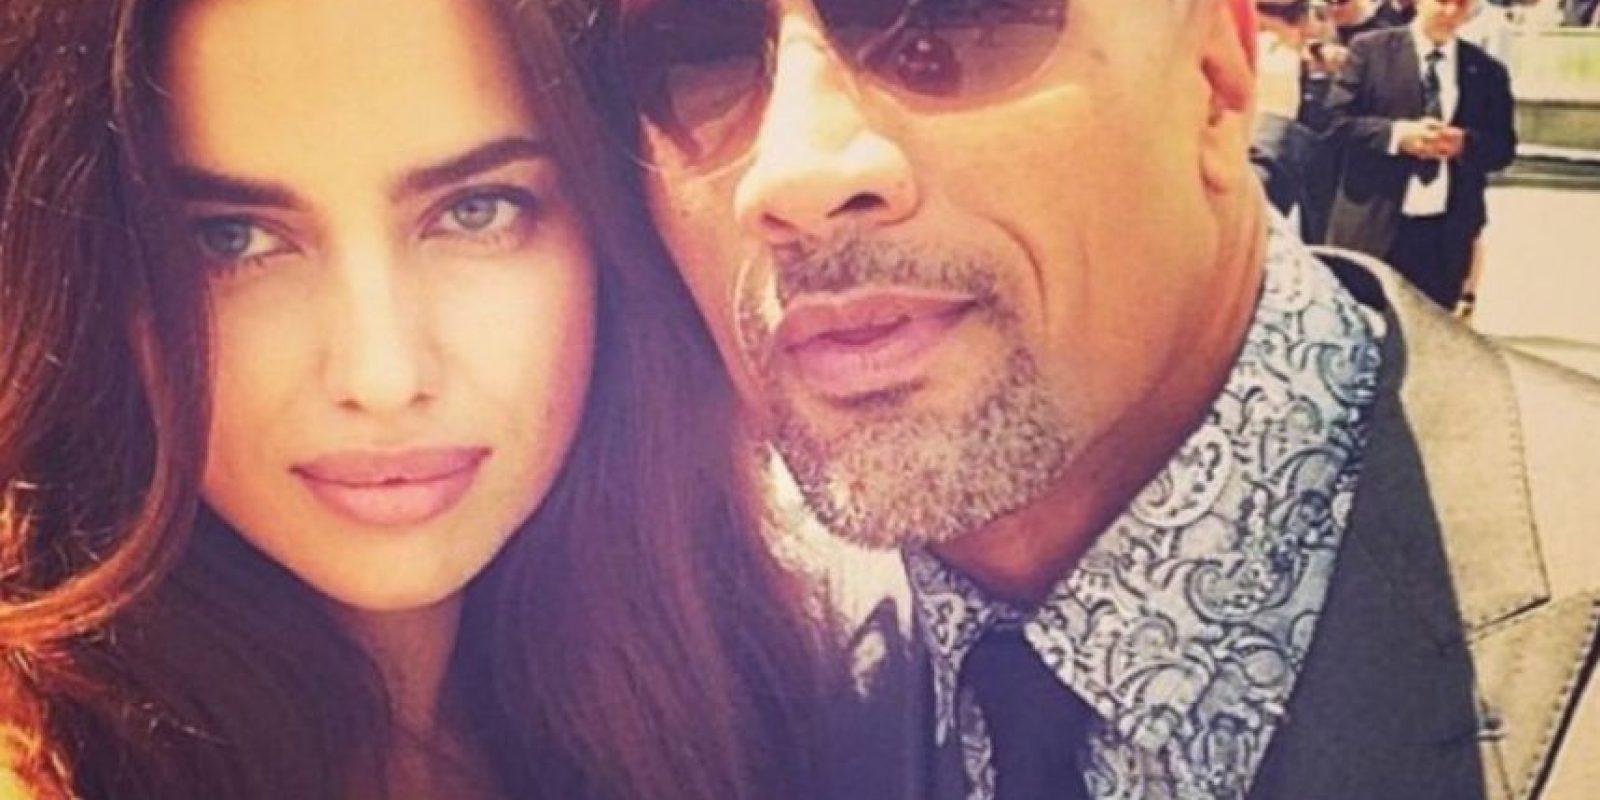 Podría haber tenido injerencia en la separación de la pareja Foto:Instagram: @therock